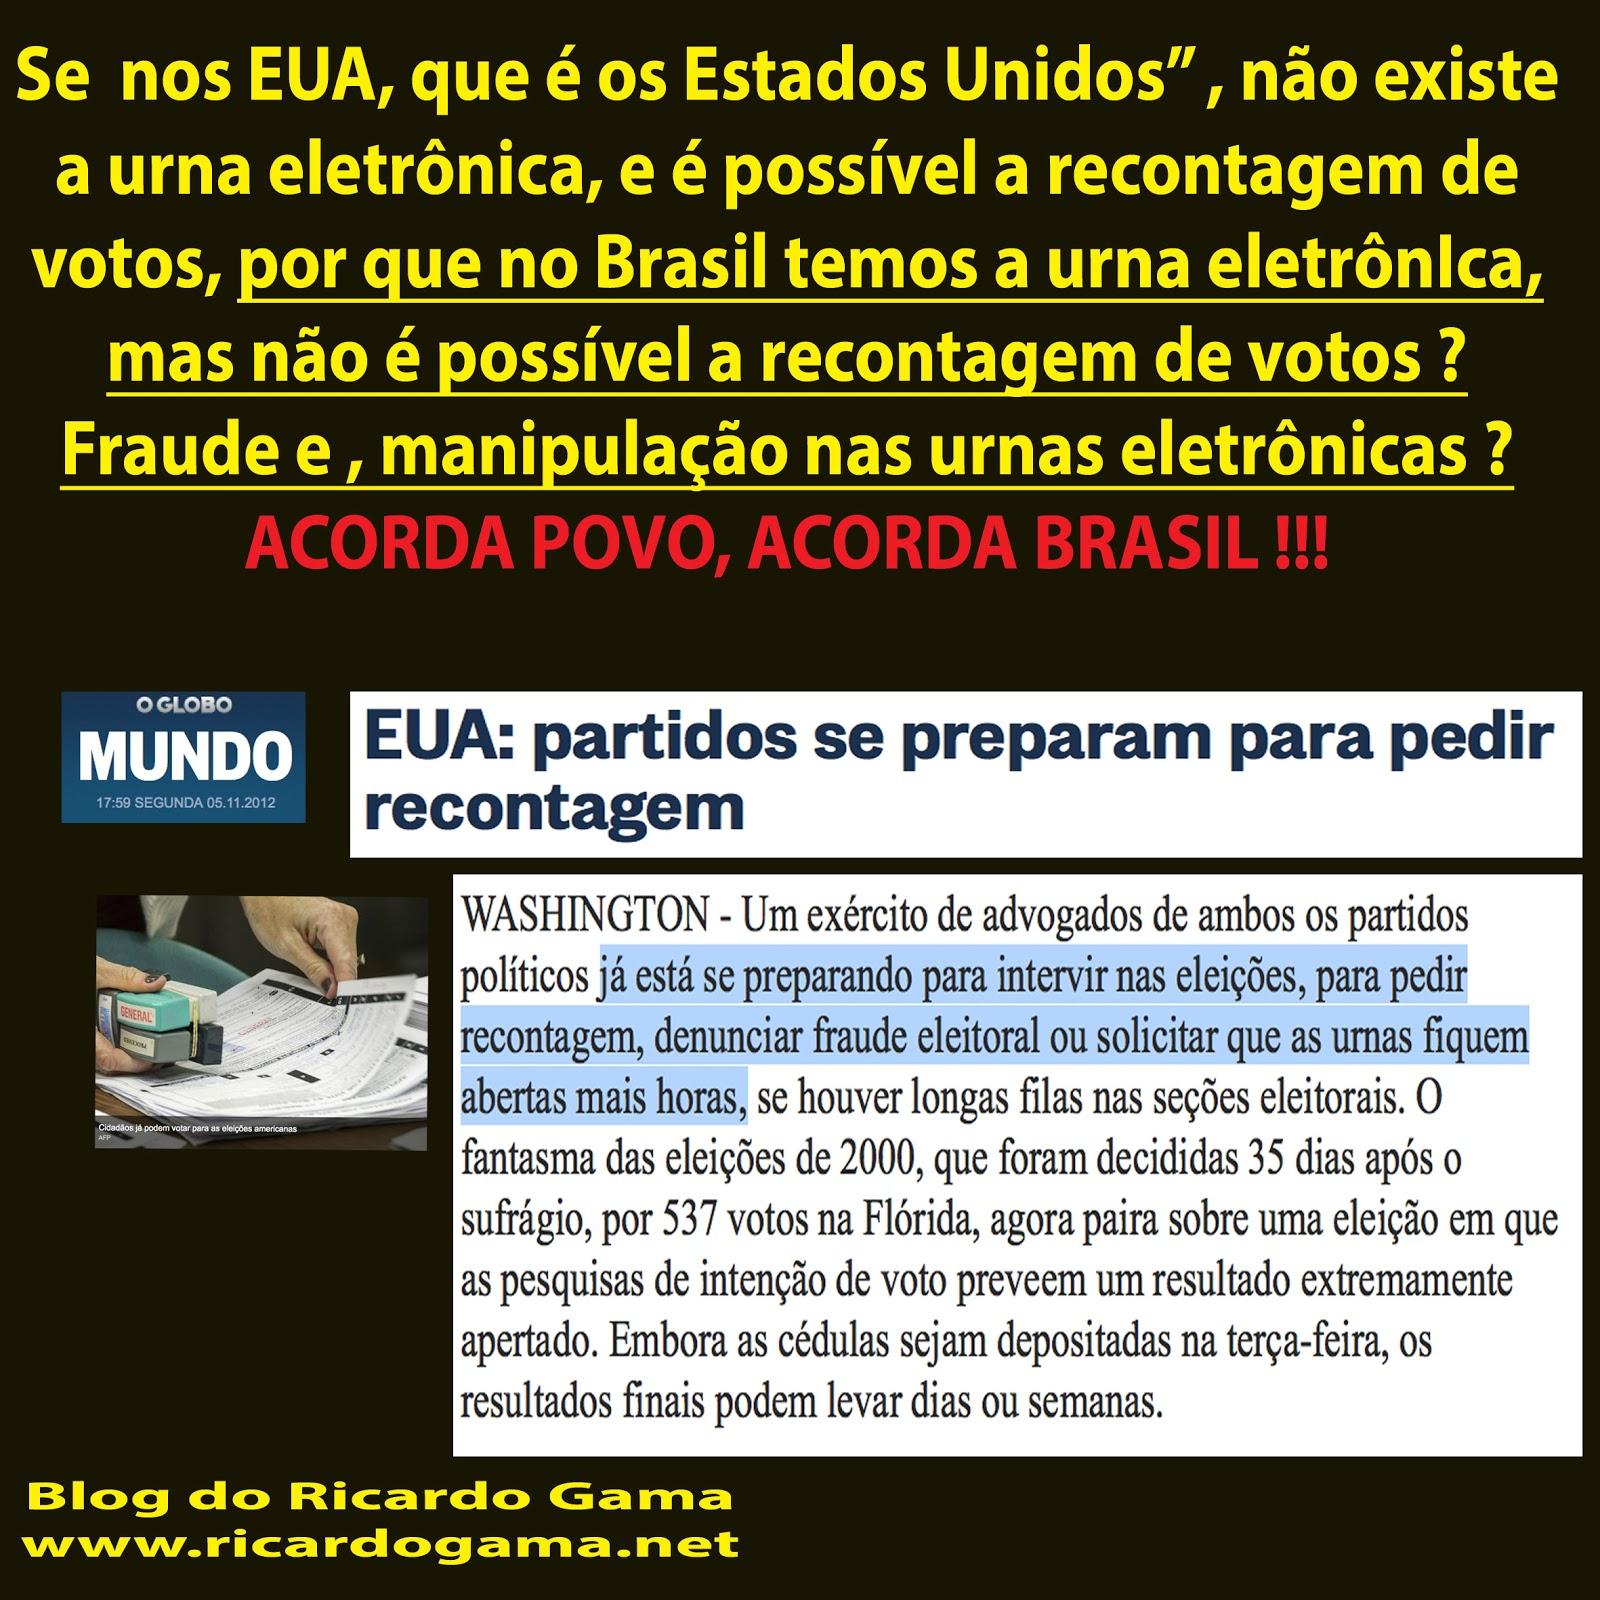 Como é nos EUA a recontagem de votos. Por que não é permitido a recontagem de votos no Brasil?